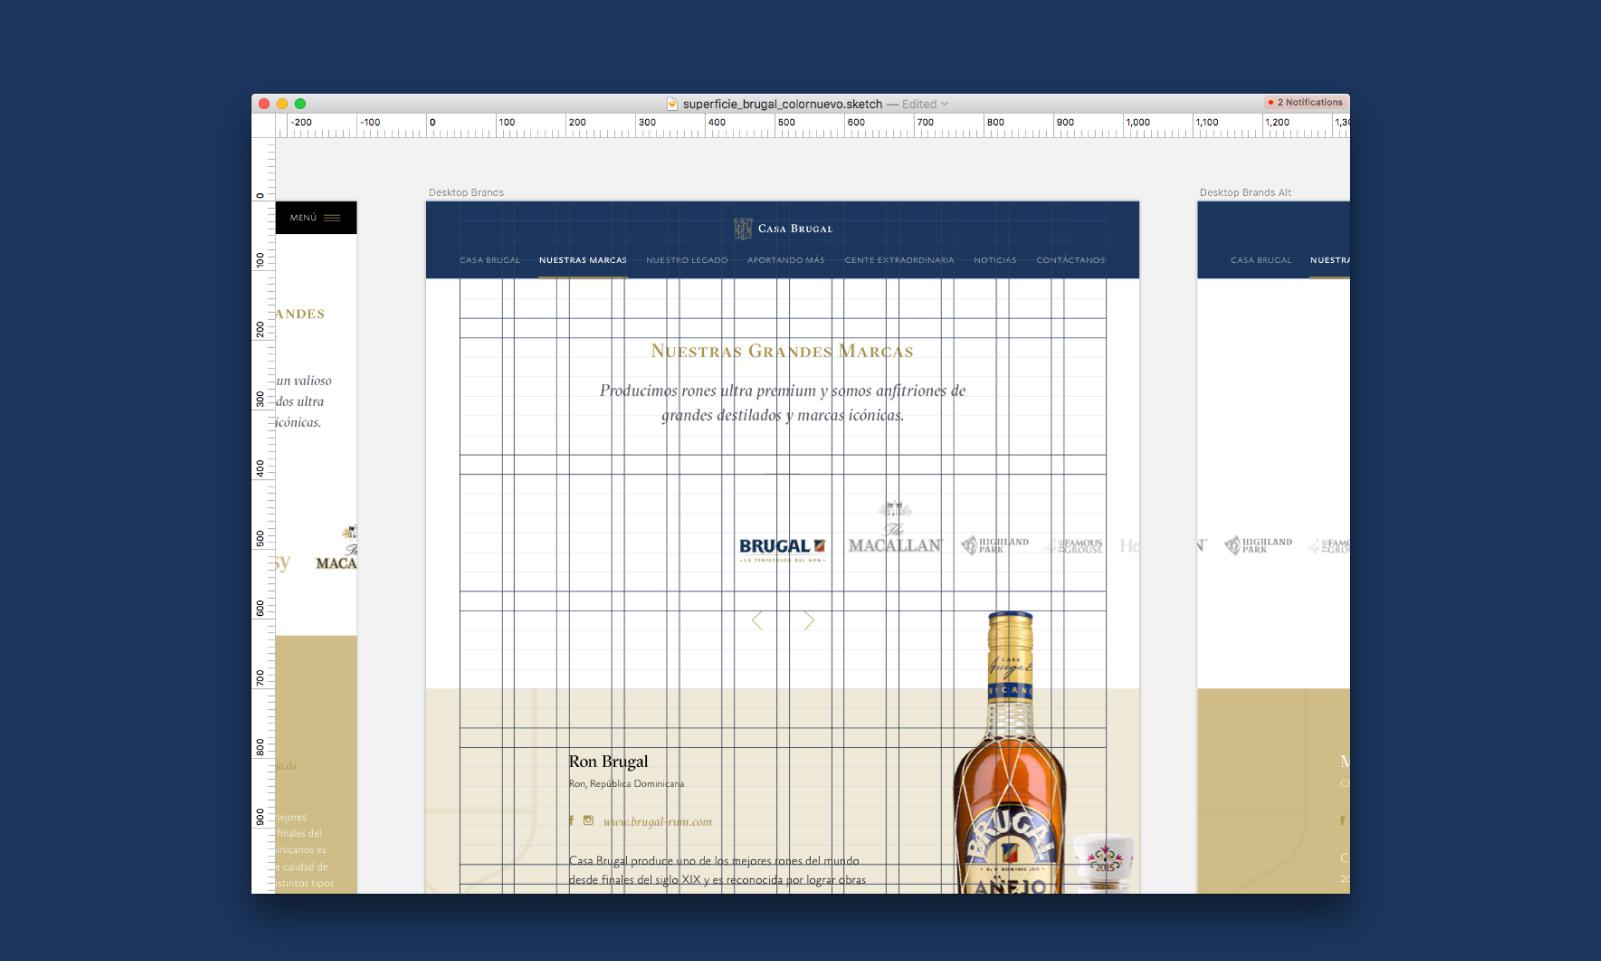 Teniendo los planos y la interacción del sitio definida, procedemos a integrar la identidad, color, tipografía y look & feel del proyecto. Cuidando cada pixel y siguiendo cualquier lineamiento que apoye la comunicación del sitio.